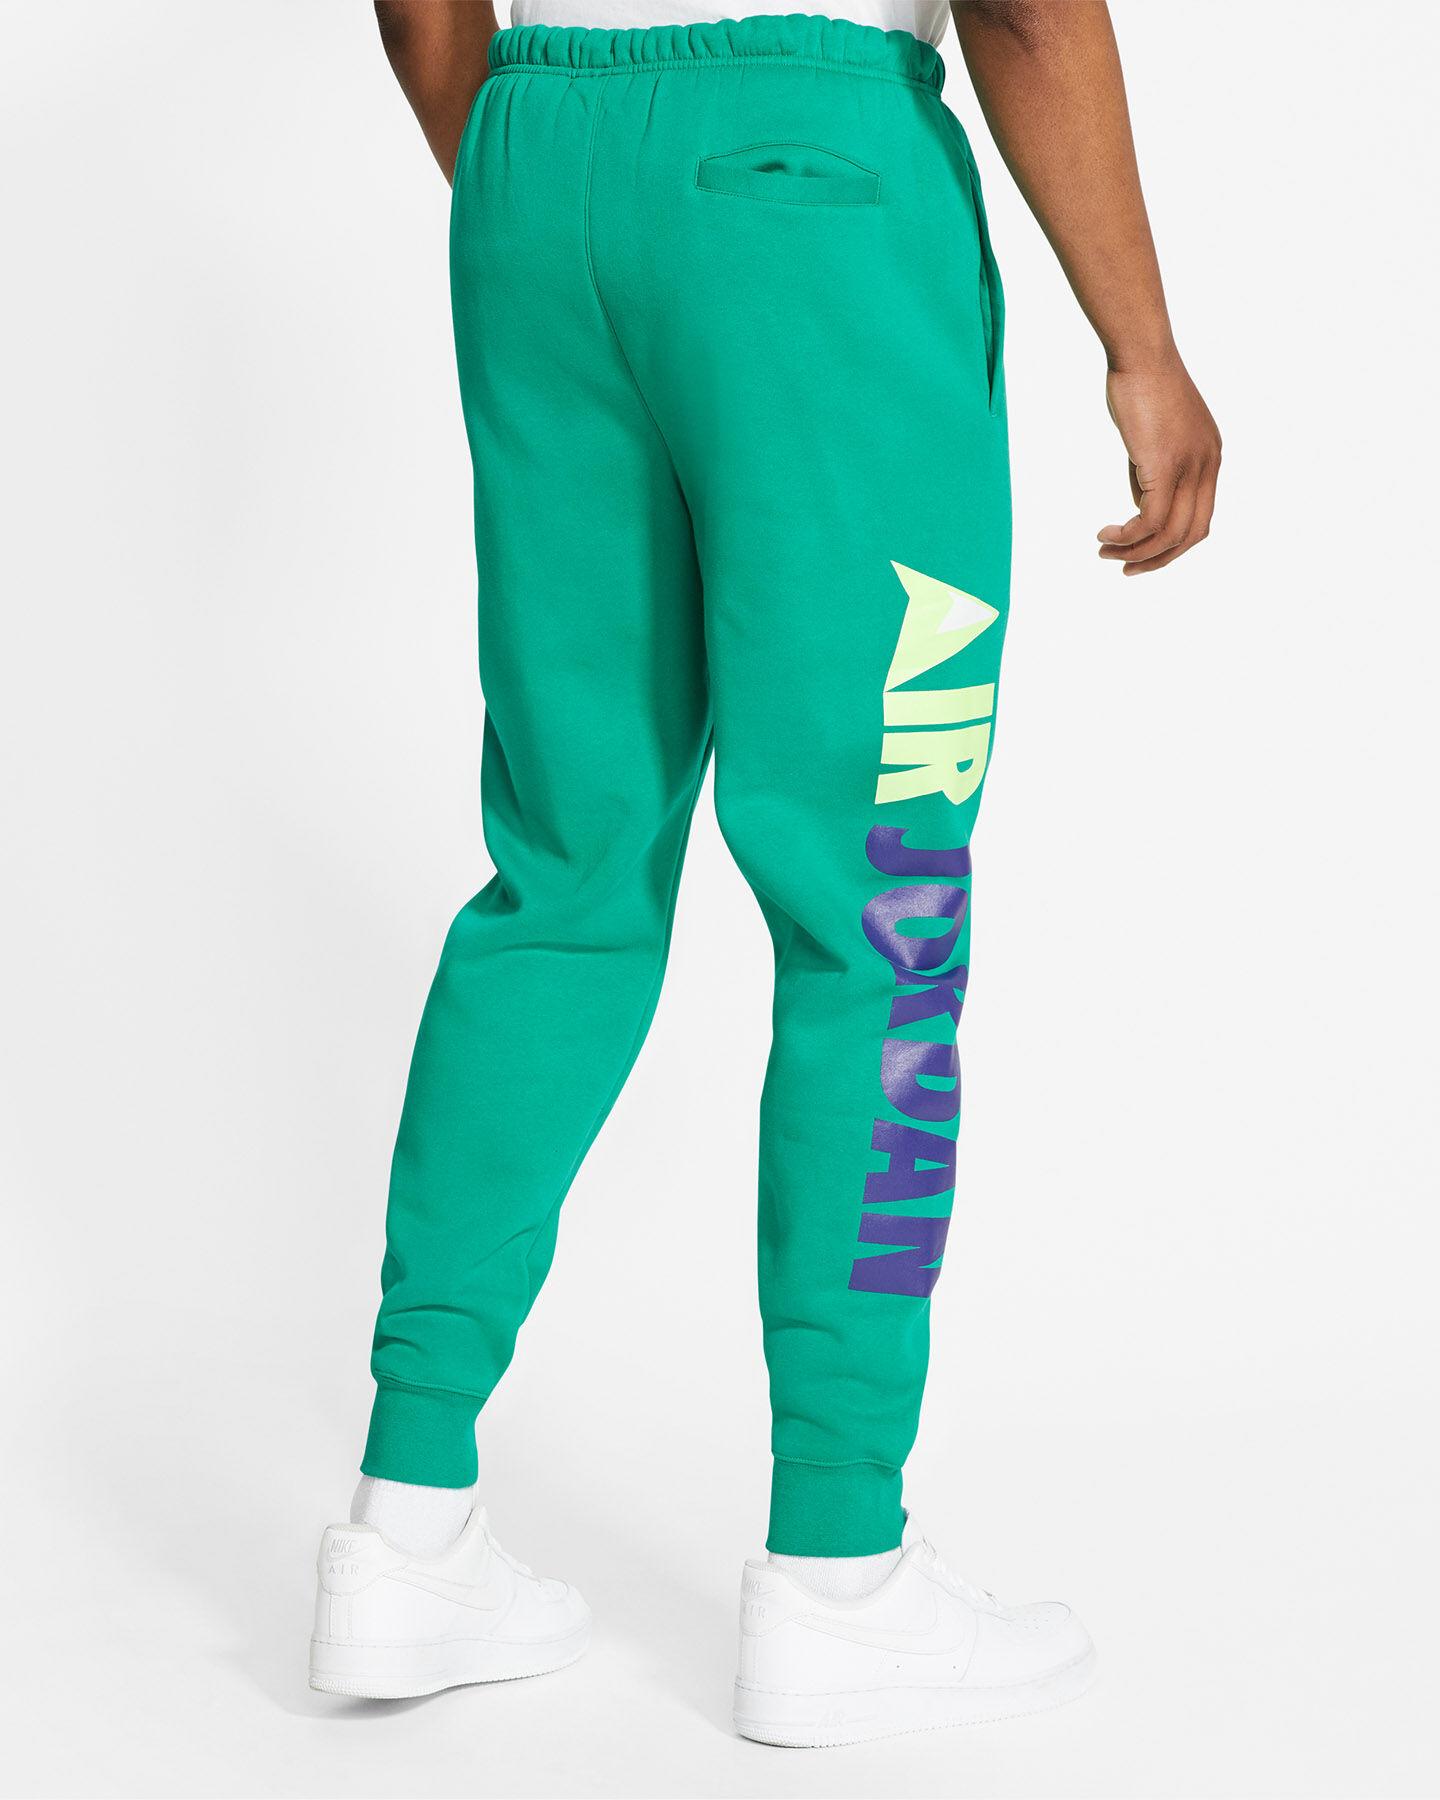 Pantalone NIKE JORDAN MOUNTAIN M S5247231 scatto 3